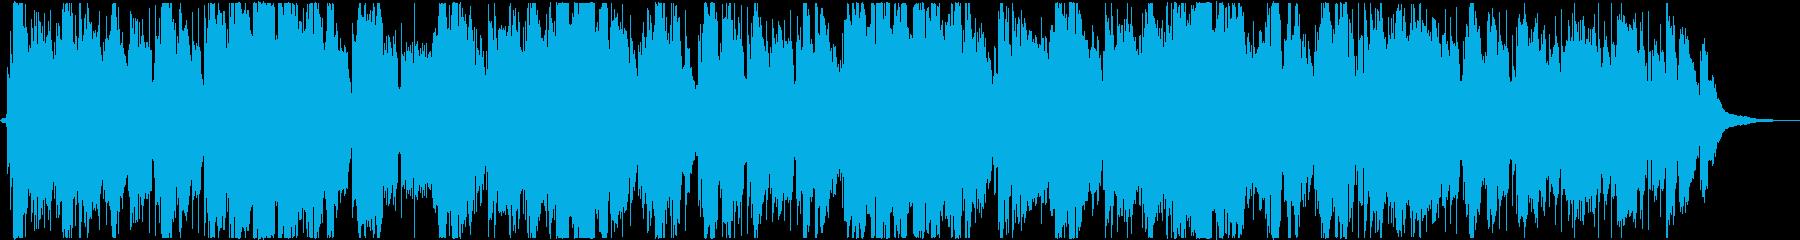 オトナオトの再生済みの波形